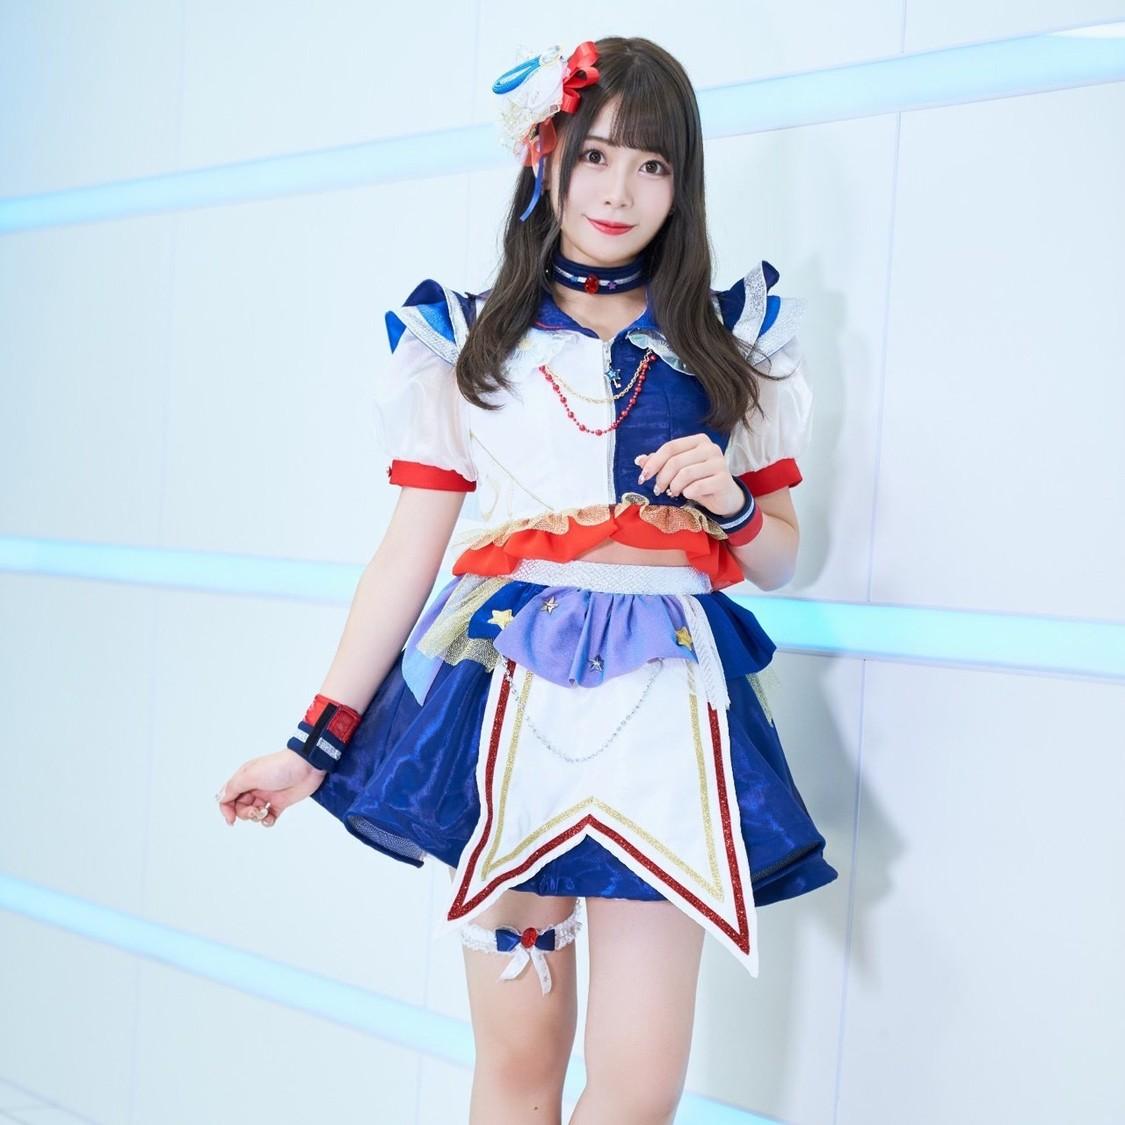 キラフォレ、茉井良菜生誕ライブにLuce Twinkle Wink☆+あっとせぶんてぃーんが出演決定!